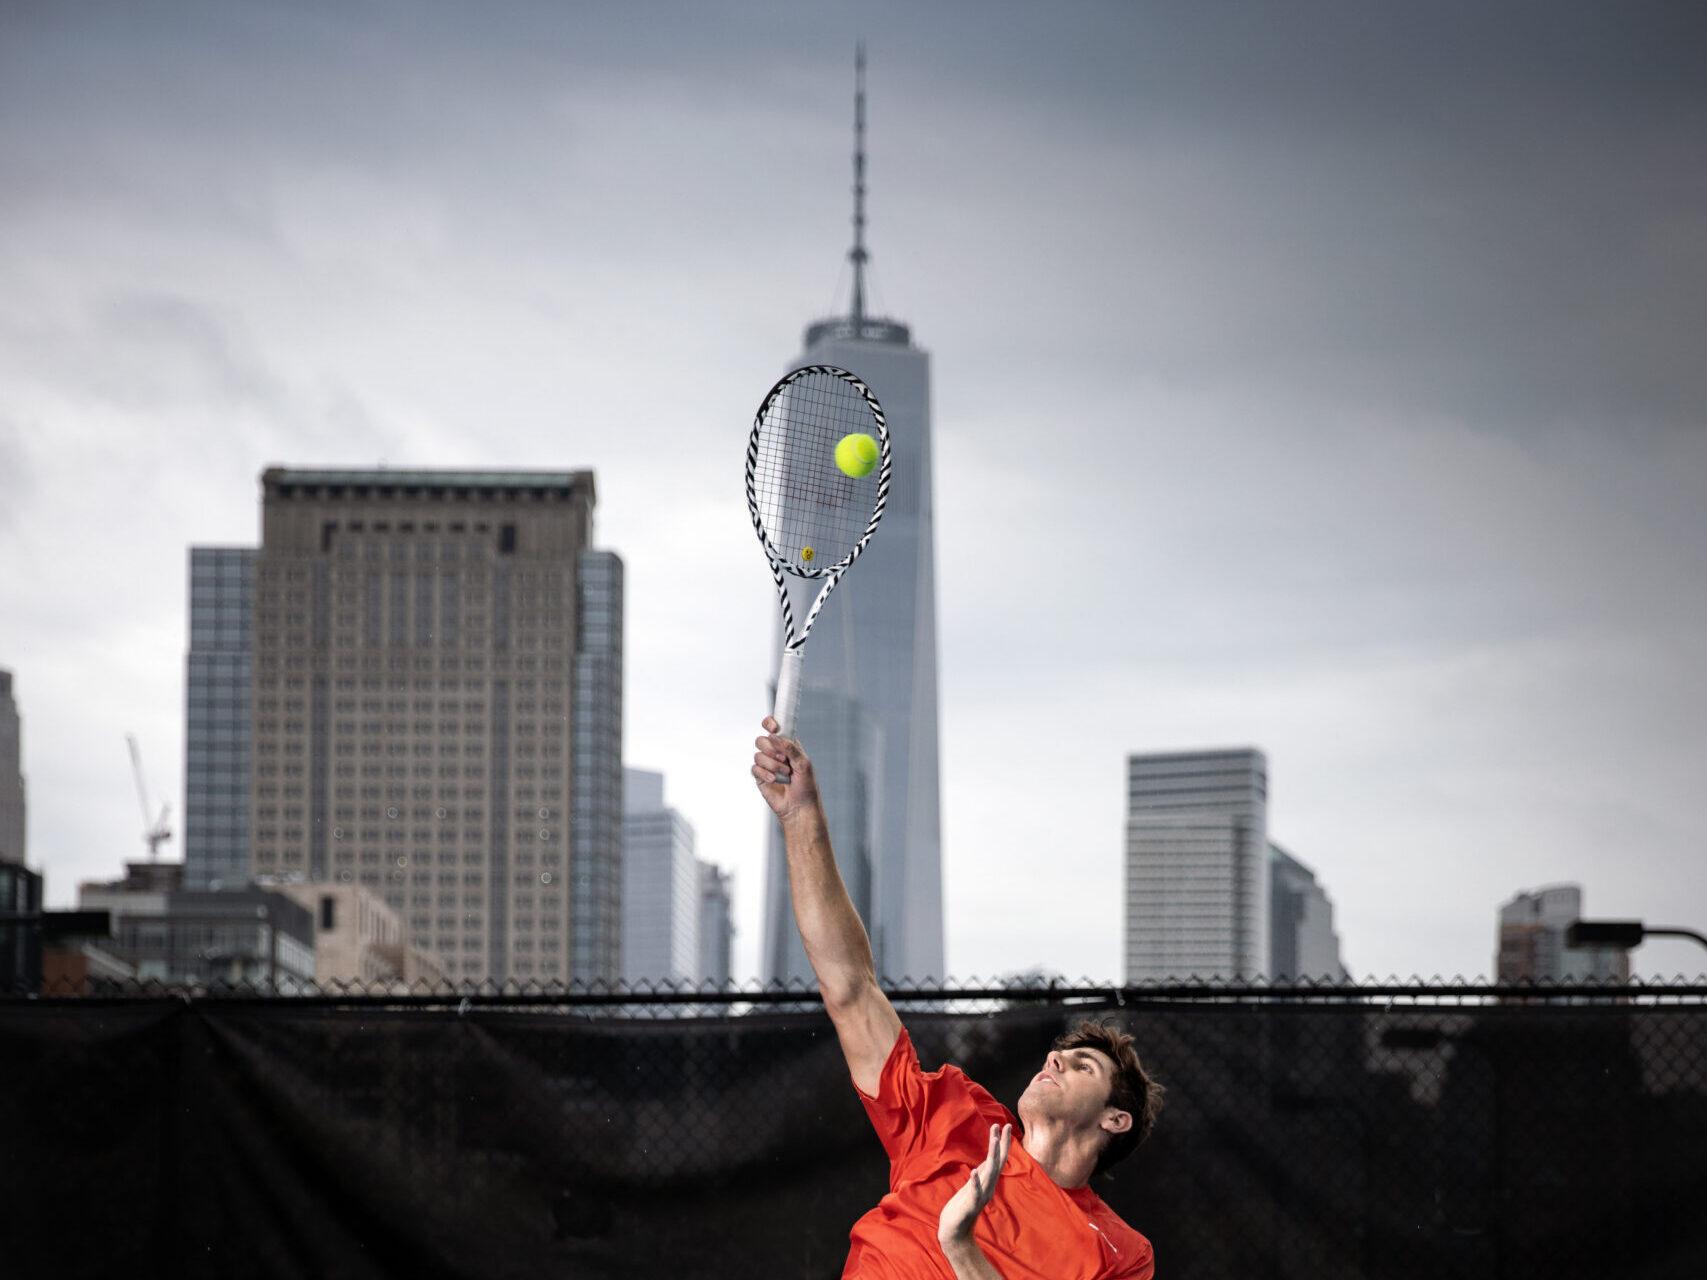 Reilly Opelka Tennis Player